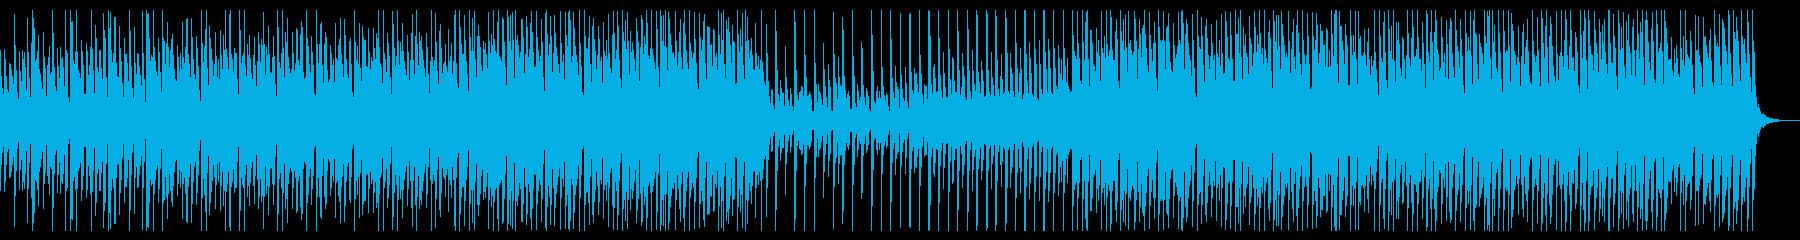 「どんぐりころころ」のクリスマスアレンジの再生済みの波形